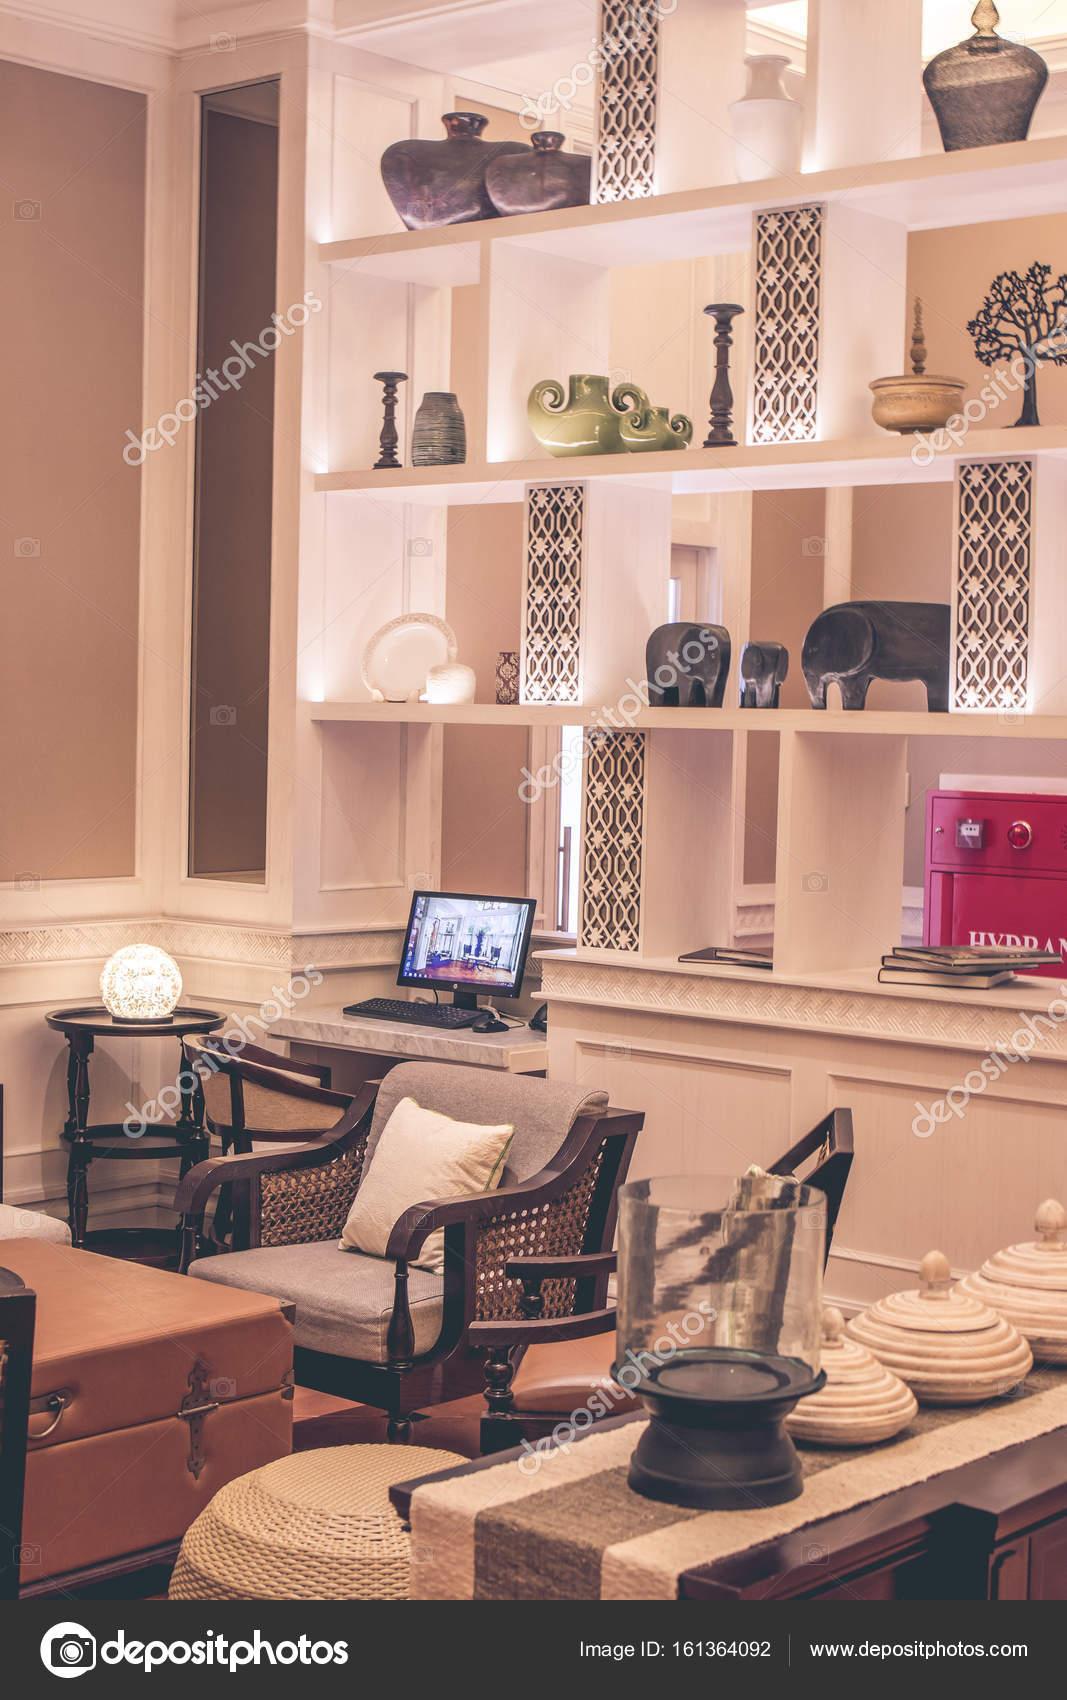 https://st3.depositphotos.com/1125497/16136/i/1600/depositphotos_161364092-stockafbeelding-modern-interieur-met-meubilair-en.jpg